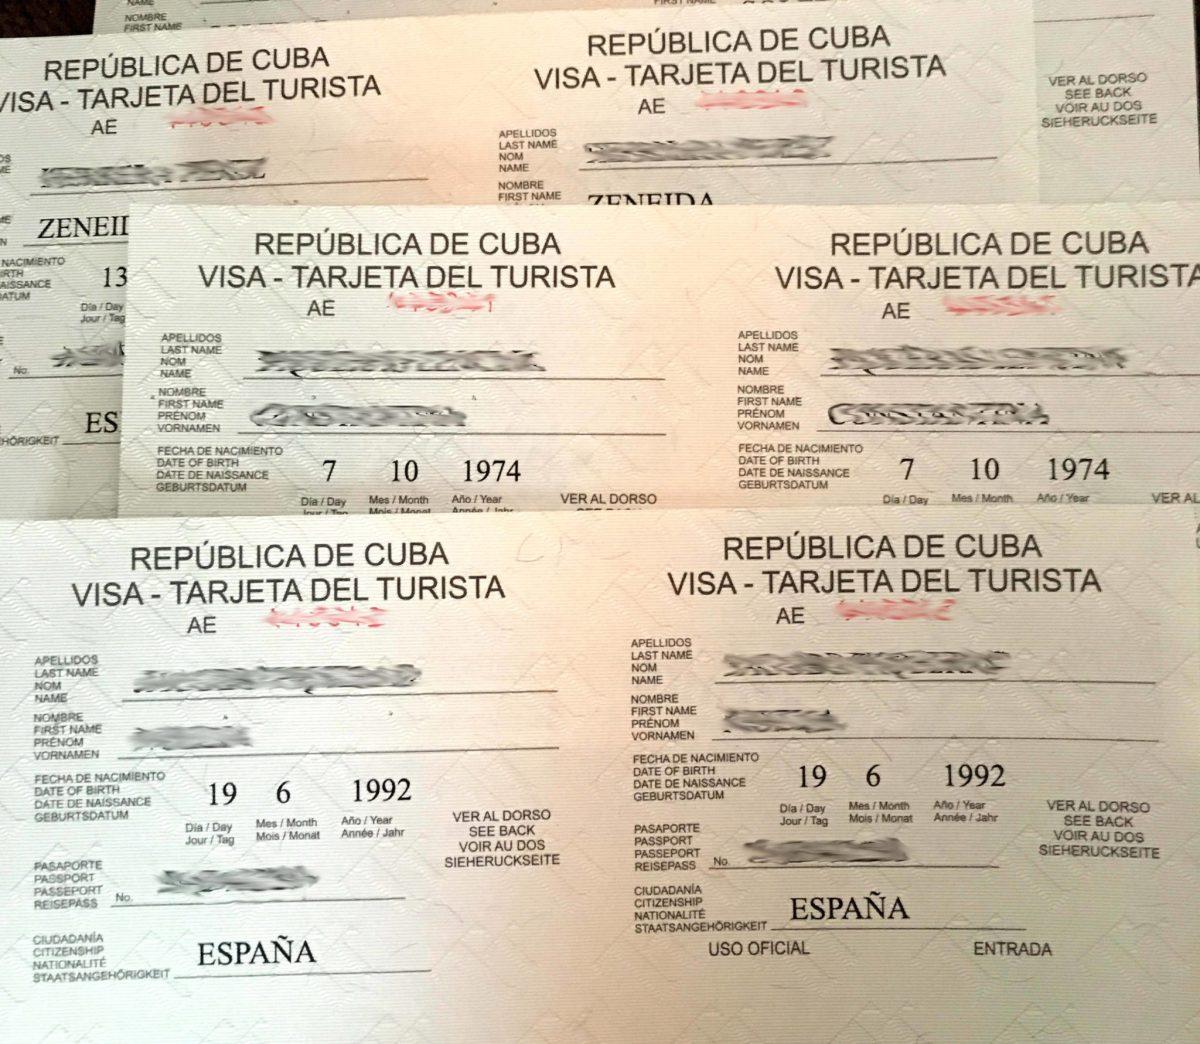 Visa para viajar a Cuba: cuánto vale y cómo obtenerla